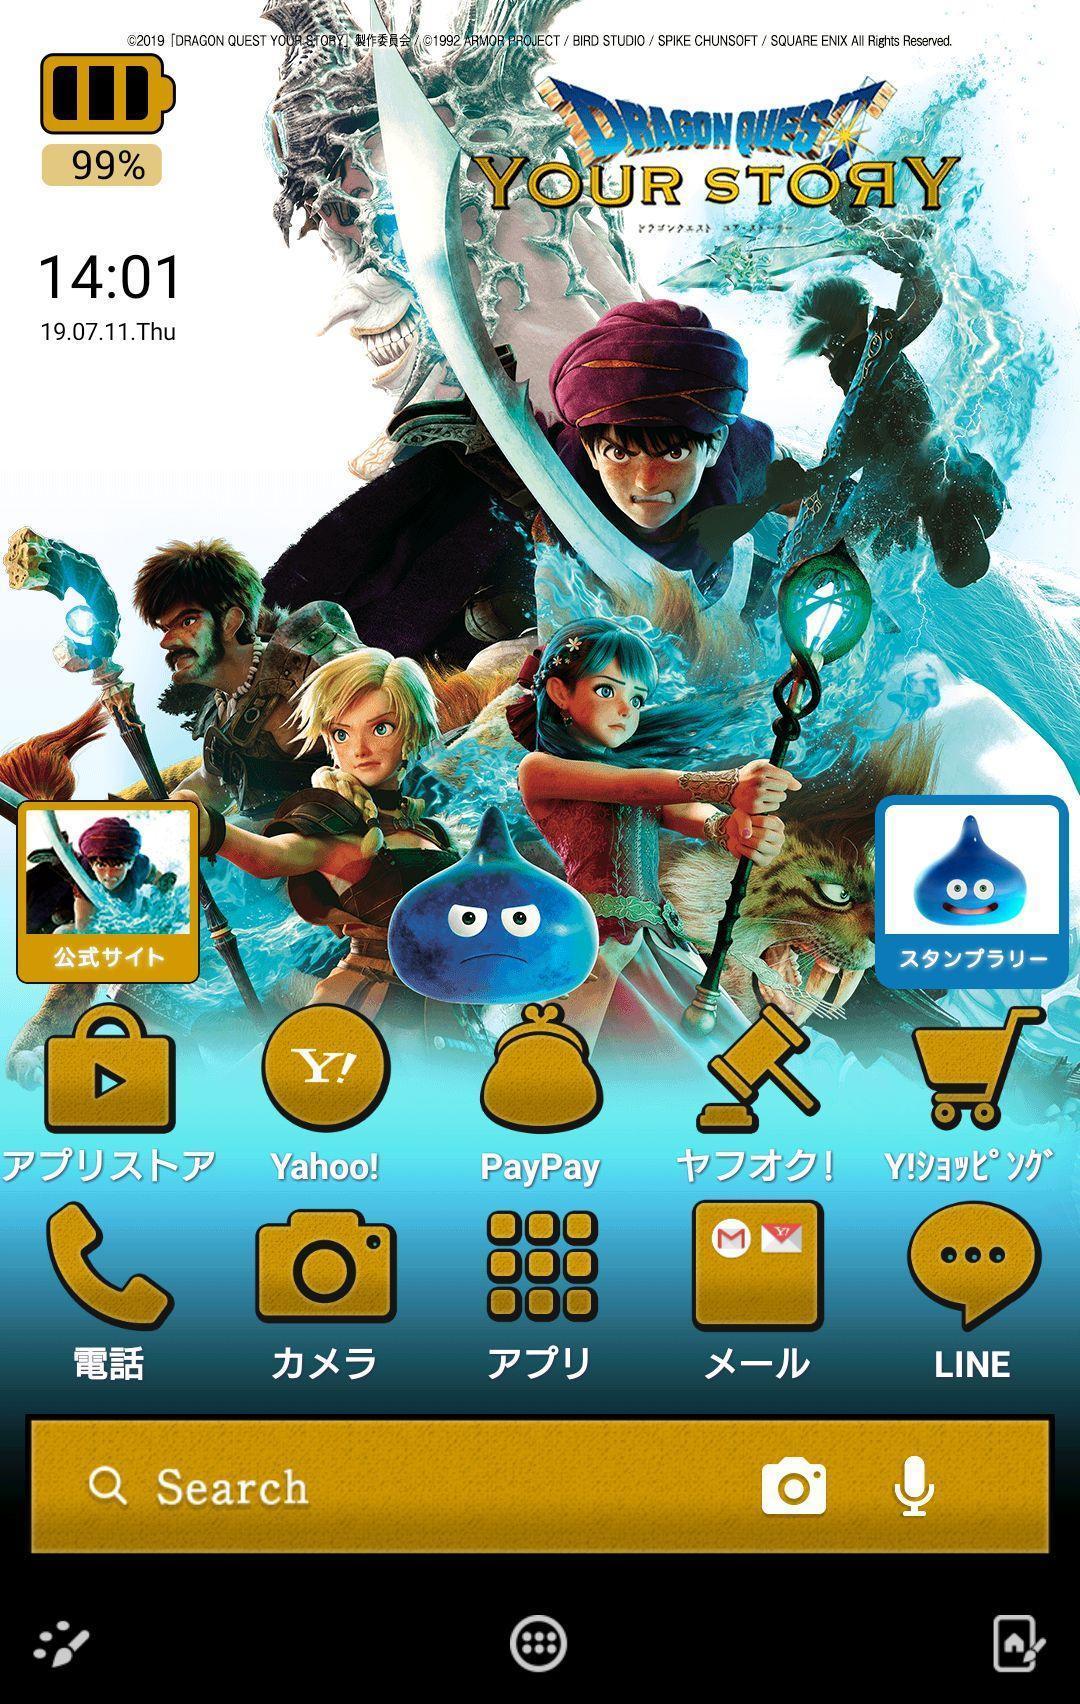 映画 ドラゴンクエスト ユア ストーリー 壁紙きせかえ For Android Apk Download